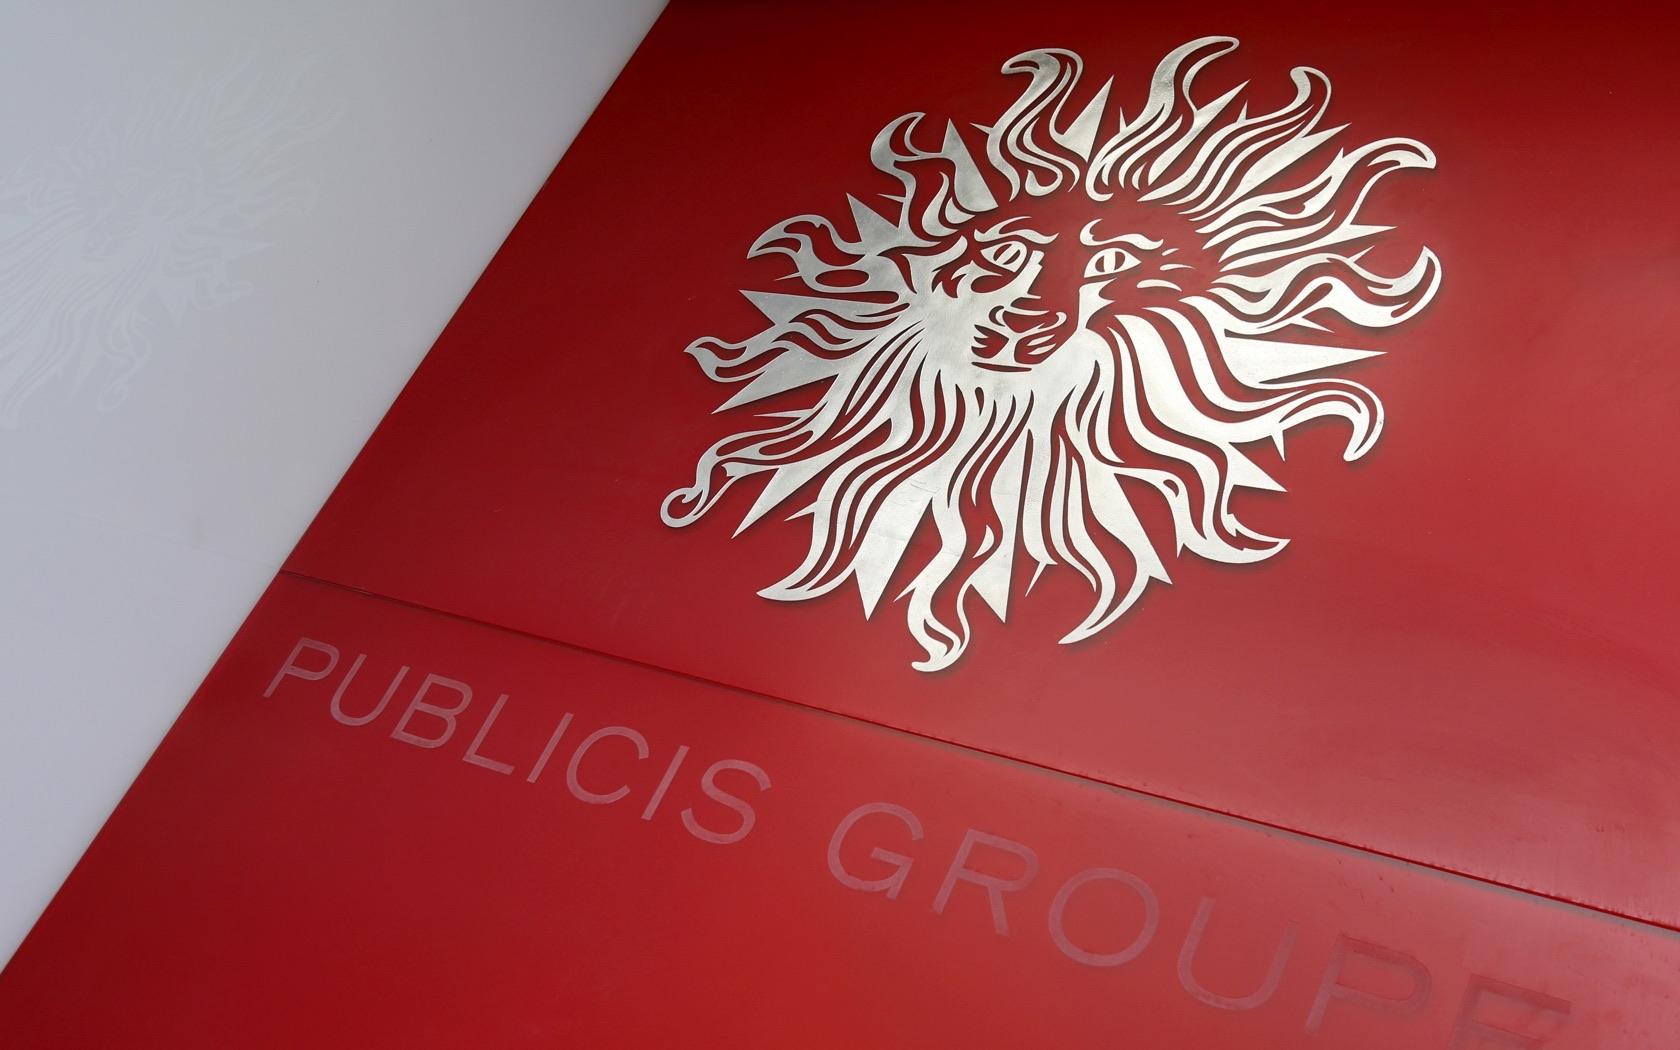 Publicis Armenia Drupal 8 Development and Maintenance